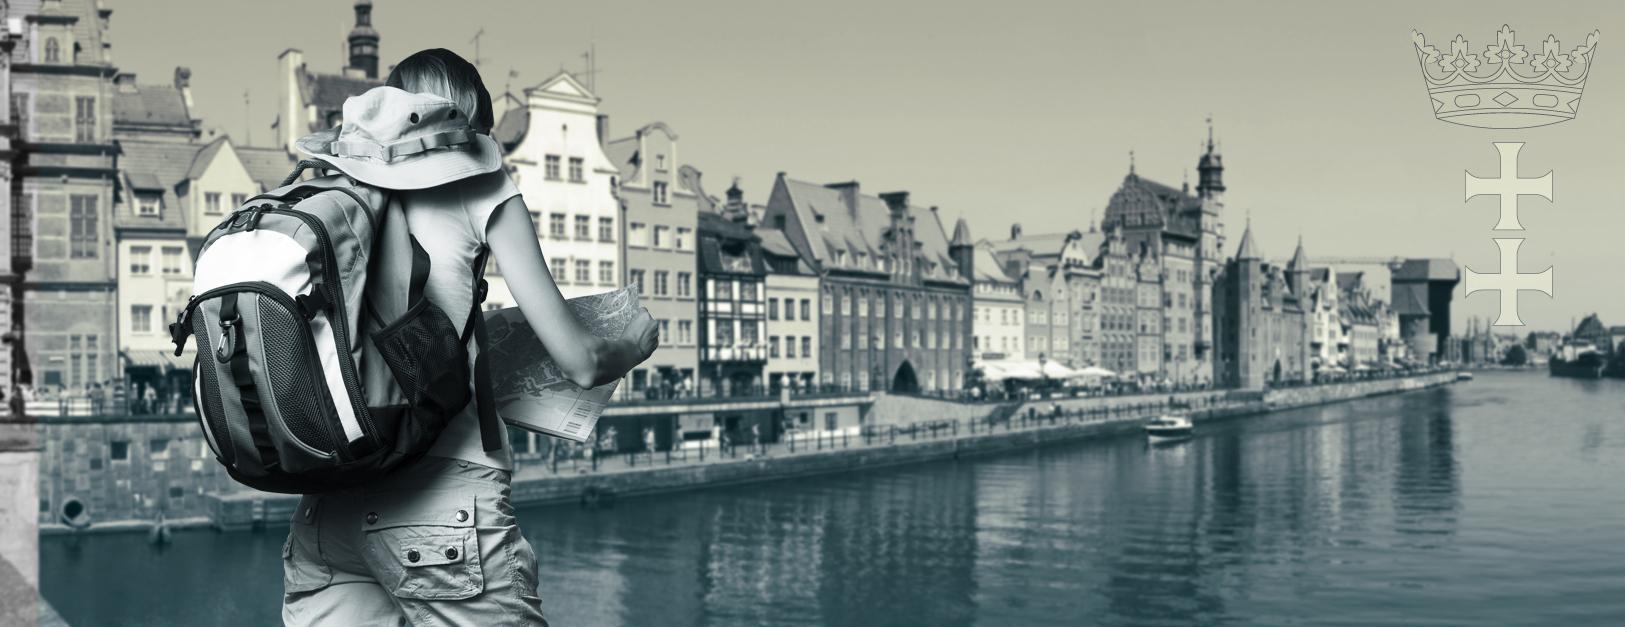 turystyka Gdańsk